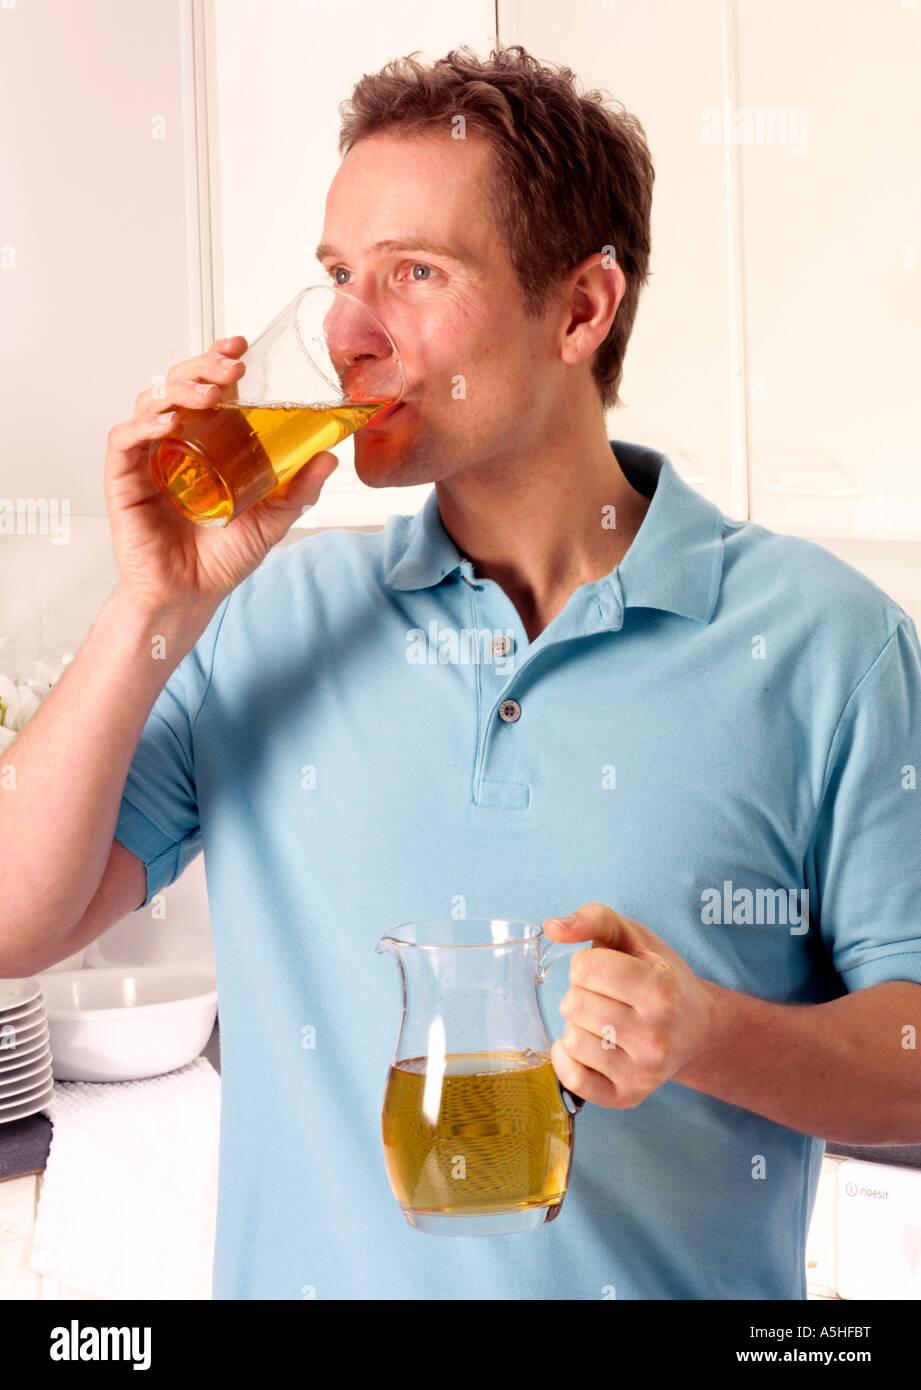 MAN IN KITCHEN DRINKING APPLE JUICE Stock Photo: 11316731 - Alamy